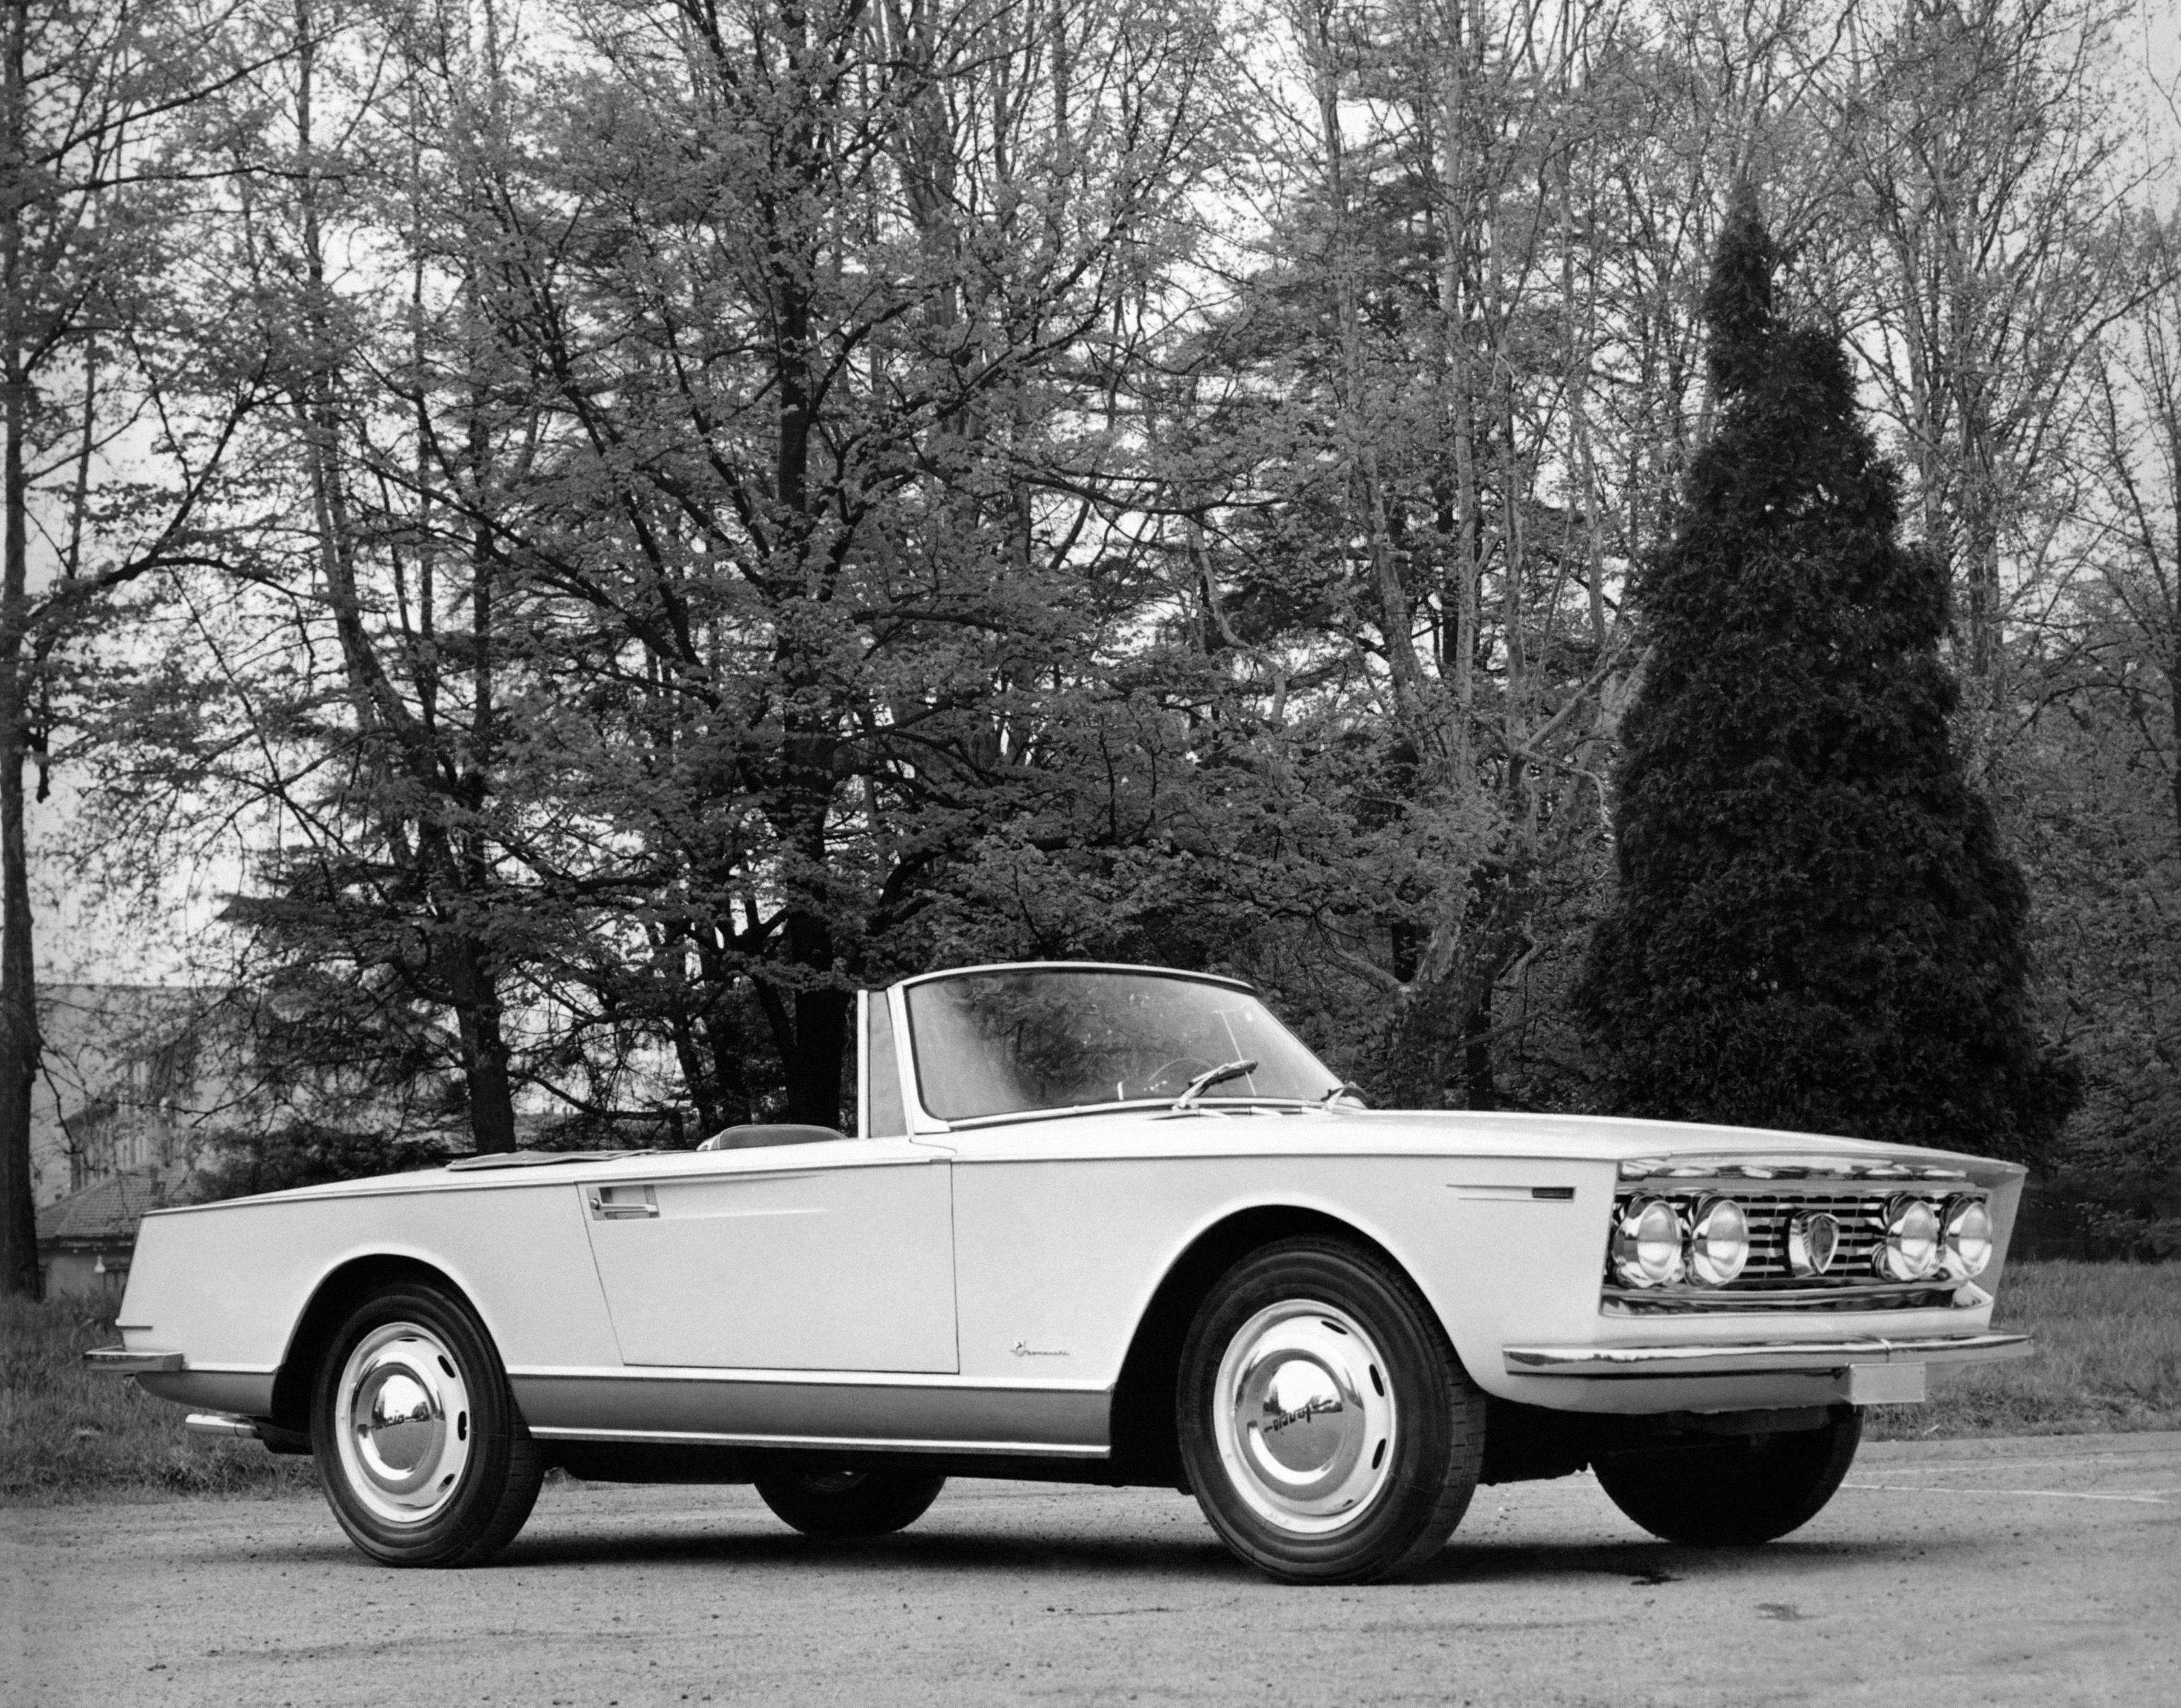 1962-Boneschi-Lancia-Flaminia-Spider-Amalfi-01